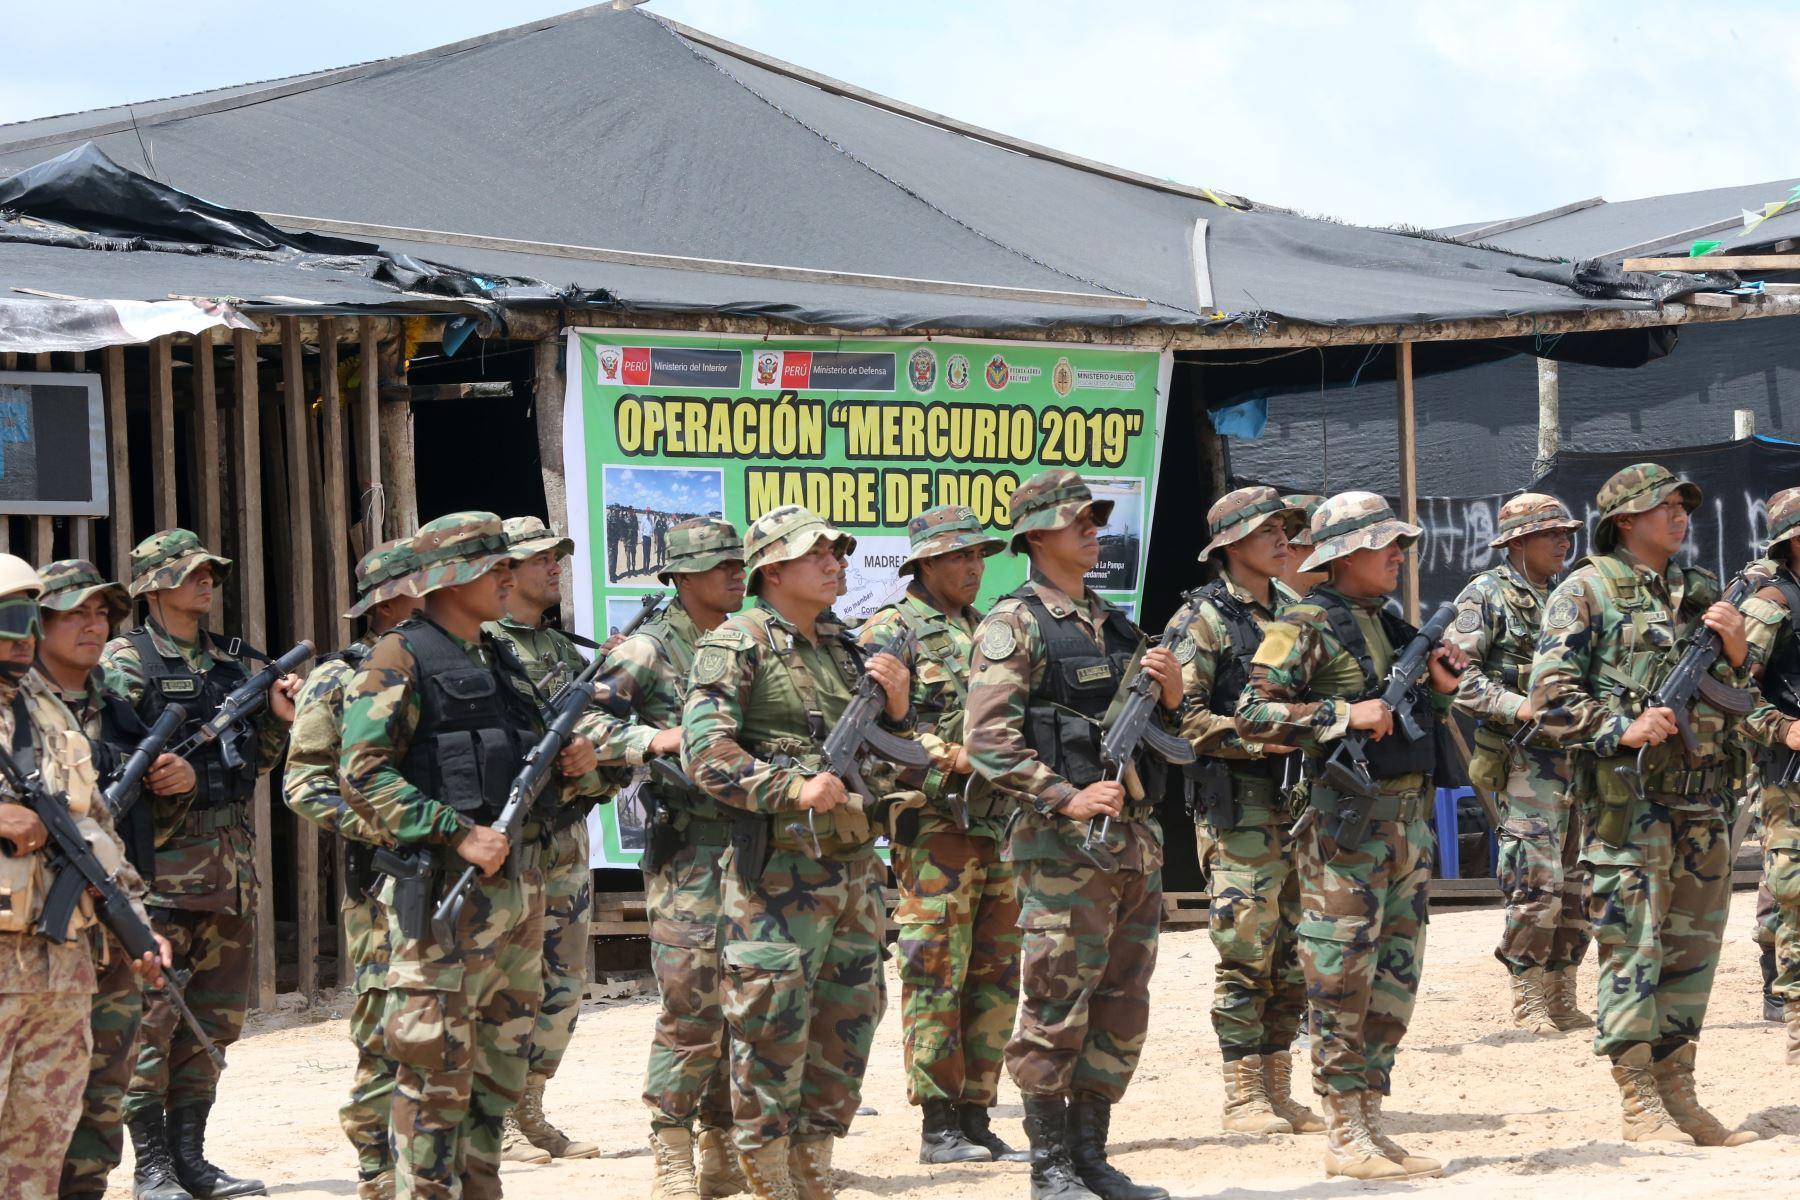 ... inician consolidación de plan contra minería ilegal en Madre de Dios.  Con instalación de bases temporales mixtas en La Pampa. Foto  ANDINA Jhony  ... 52a8cdcce1b